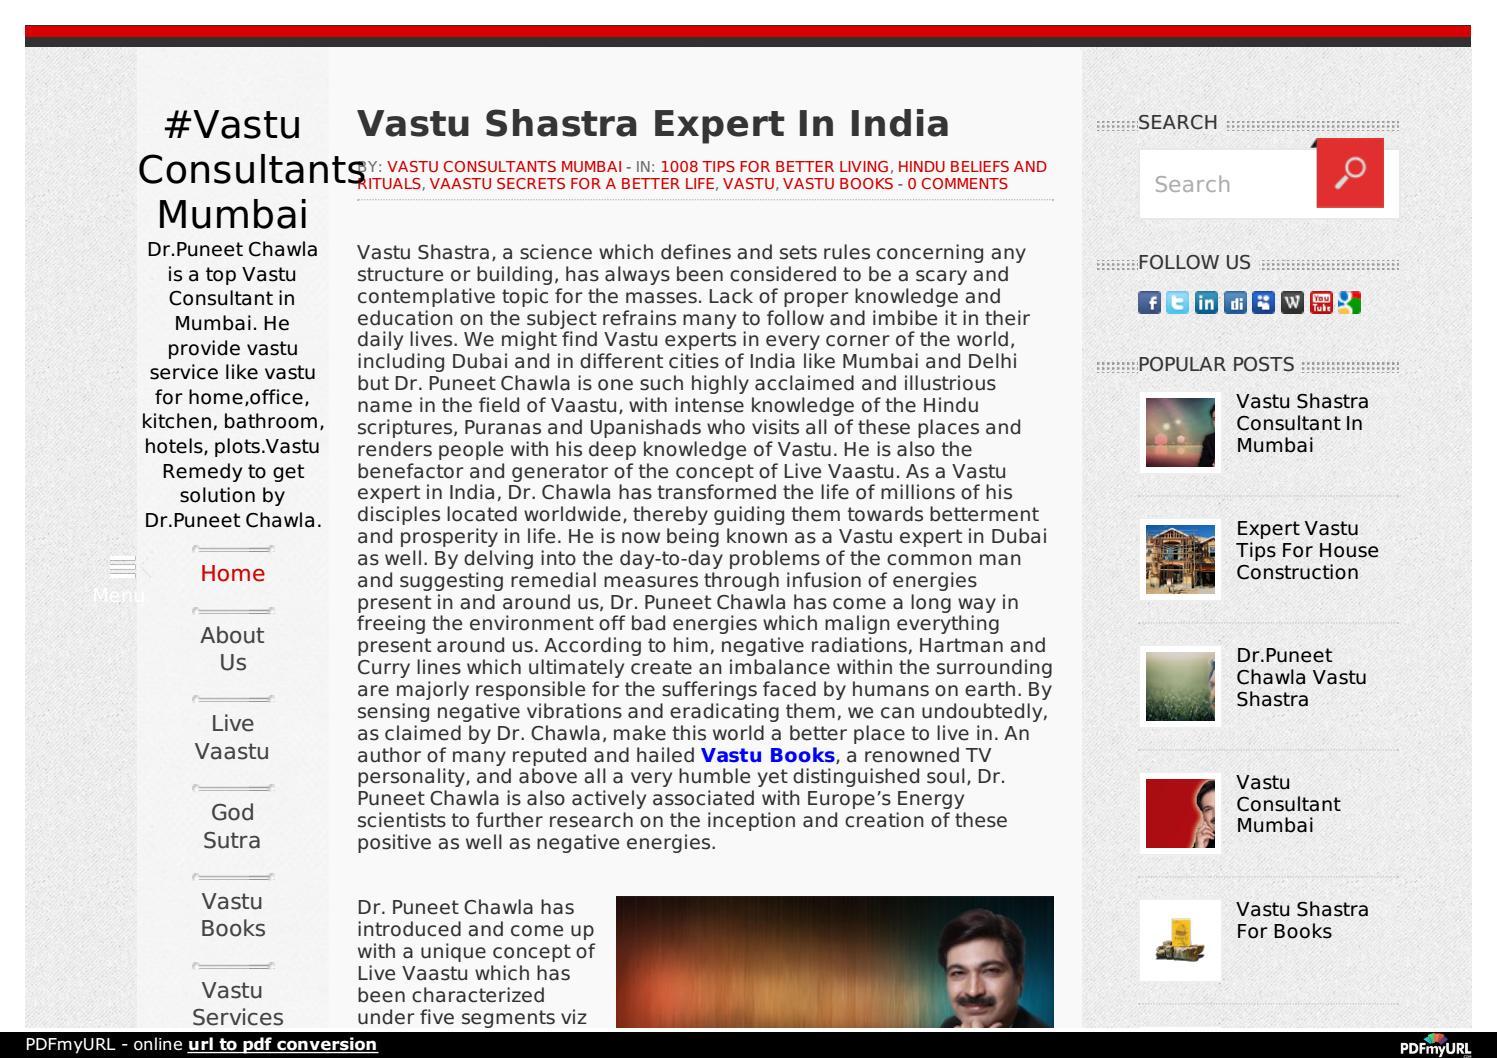 Vastu Shastra Expert In India by Vastuservices - issuu